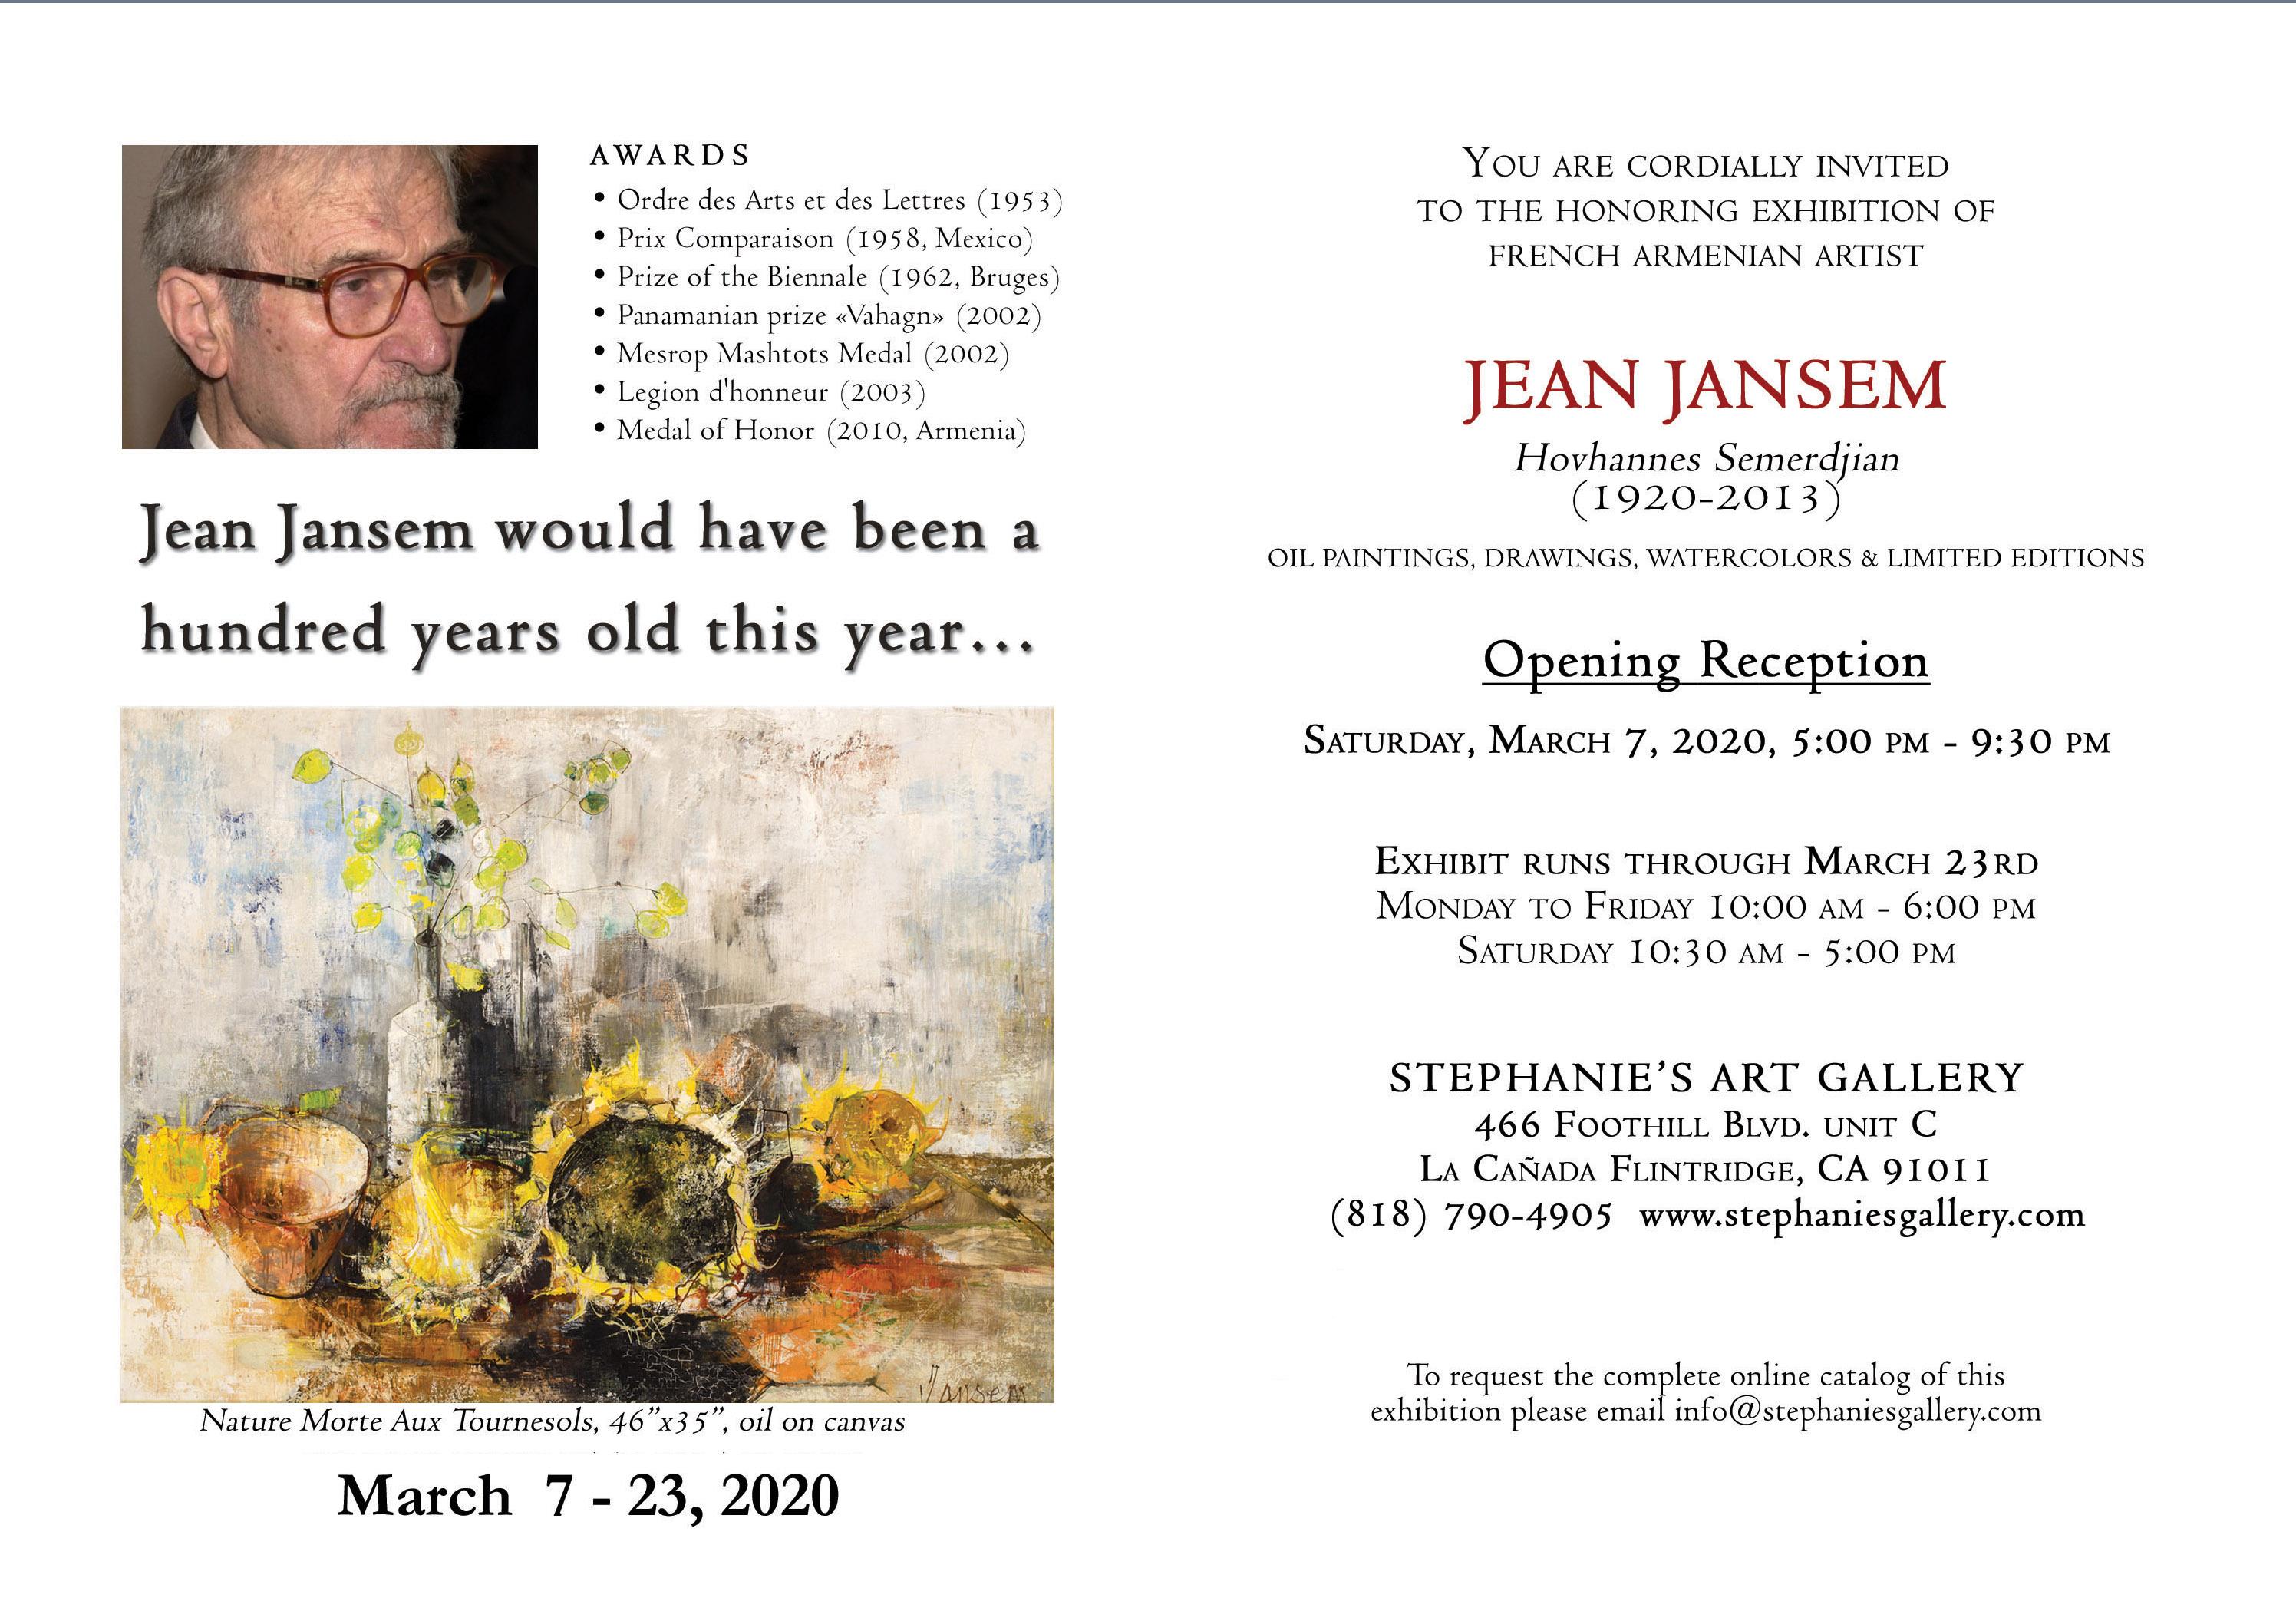 Jean Jansem's Centennial Exhibition